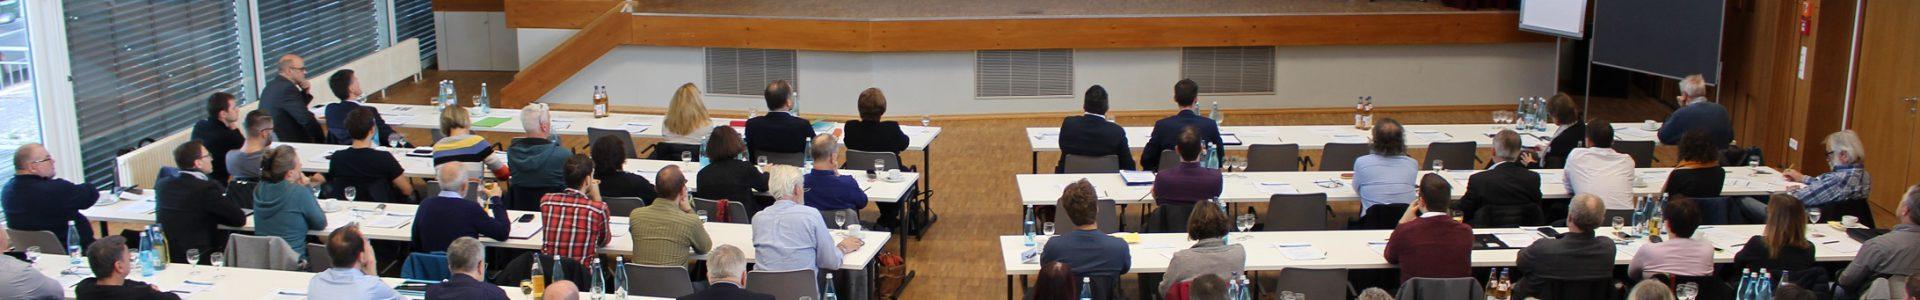 Der Fachkongress zu Wassermangel im Südschwarzwald